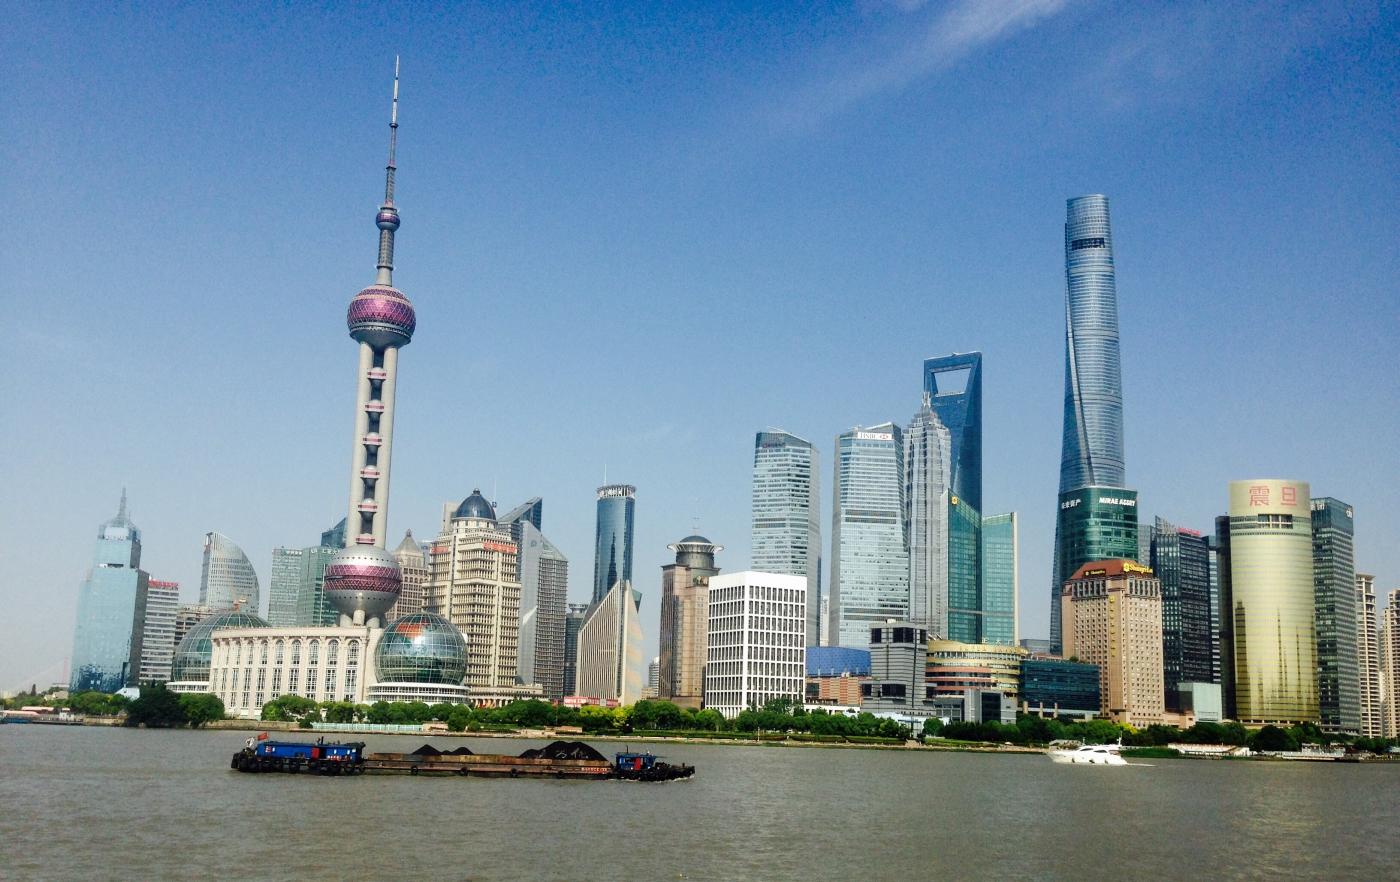 闲逛上海看街景_图1-27